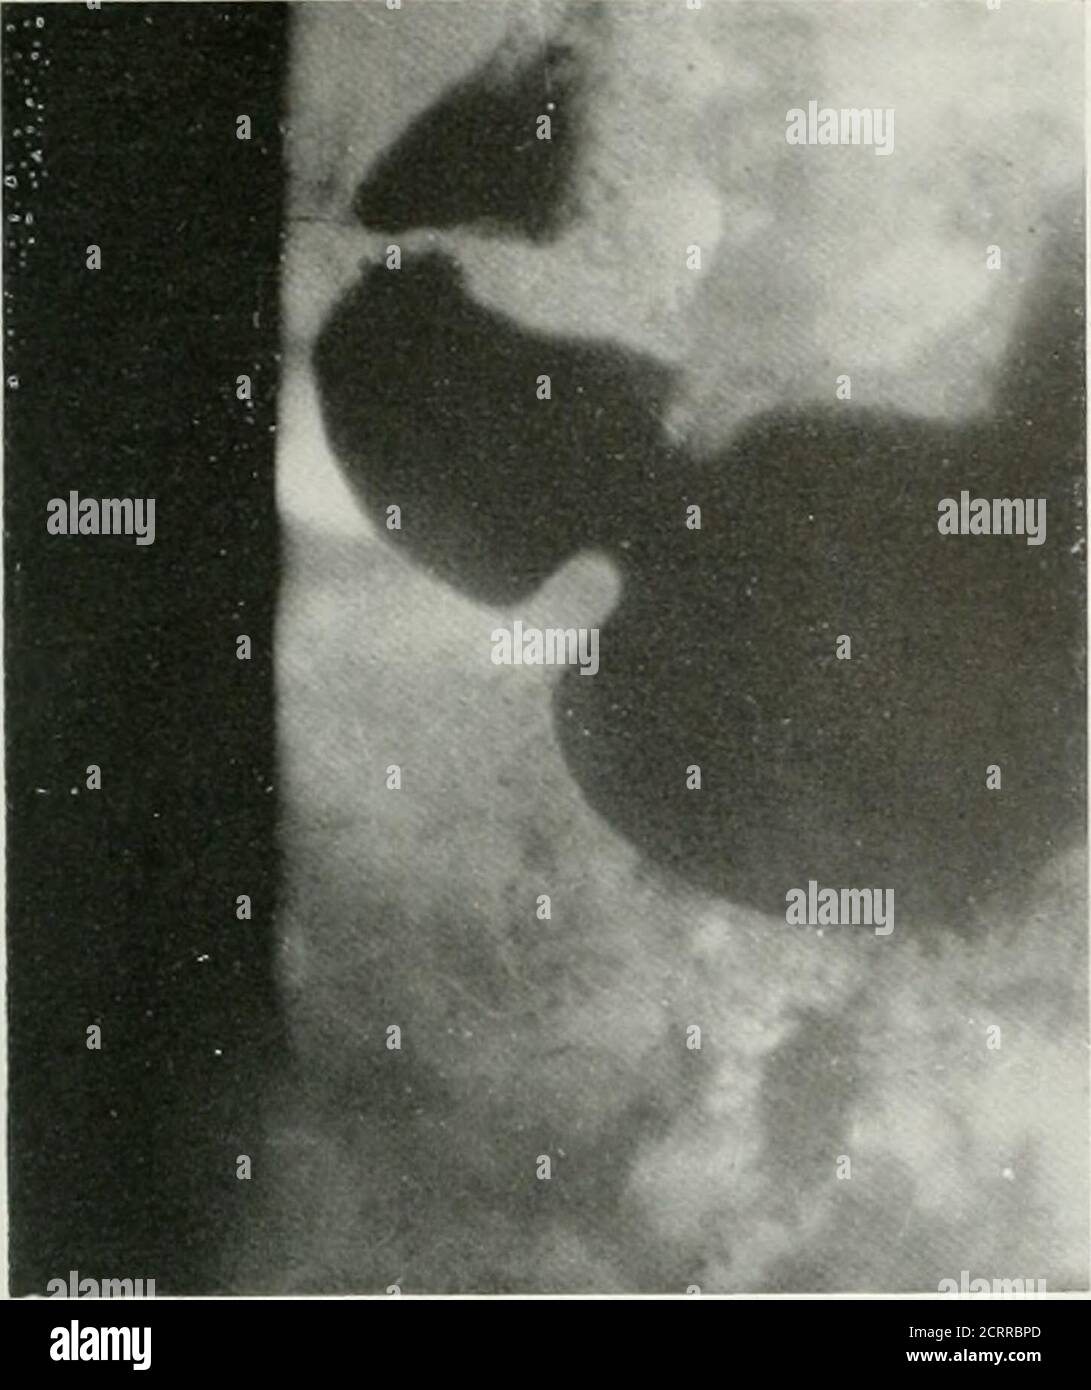 . La revista americana de roentgoenología, terapia de radio y medicina nuclear. Fig. i y Ilustra un velo tailandés ii < superficie exterior ol el i ap, thi gall i Lad lei y h< ■ re del colon lleno de g Fig. i el 4. Demontrant une voile qui comprend la surface ieureladu b ale, vesicule biliaire et la flexion tique du colon emplie pai l<Fig. j et V- Ilustrando un velo que envuelve la caxa externa delbulbo y duodenal, la vesfcula biliai y al Utica del colon. Velos en el hipocondrio derecho 43. Foto de stock